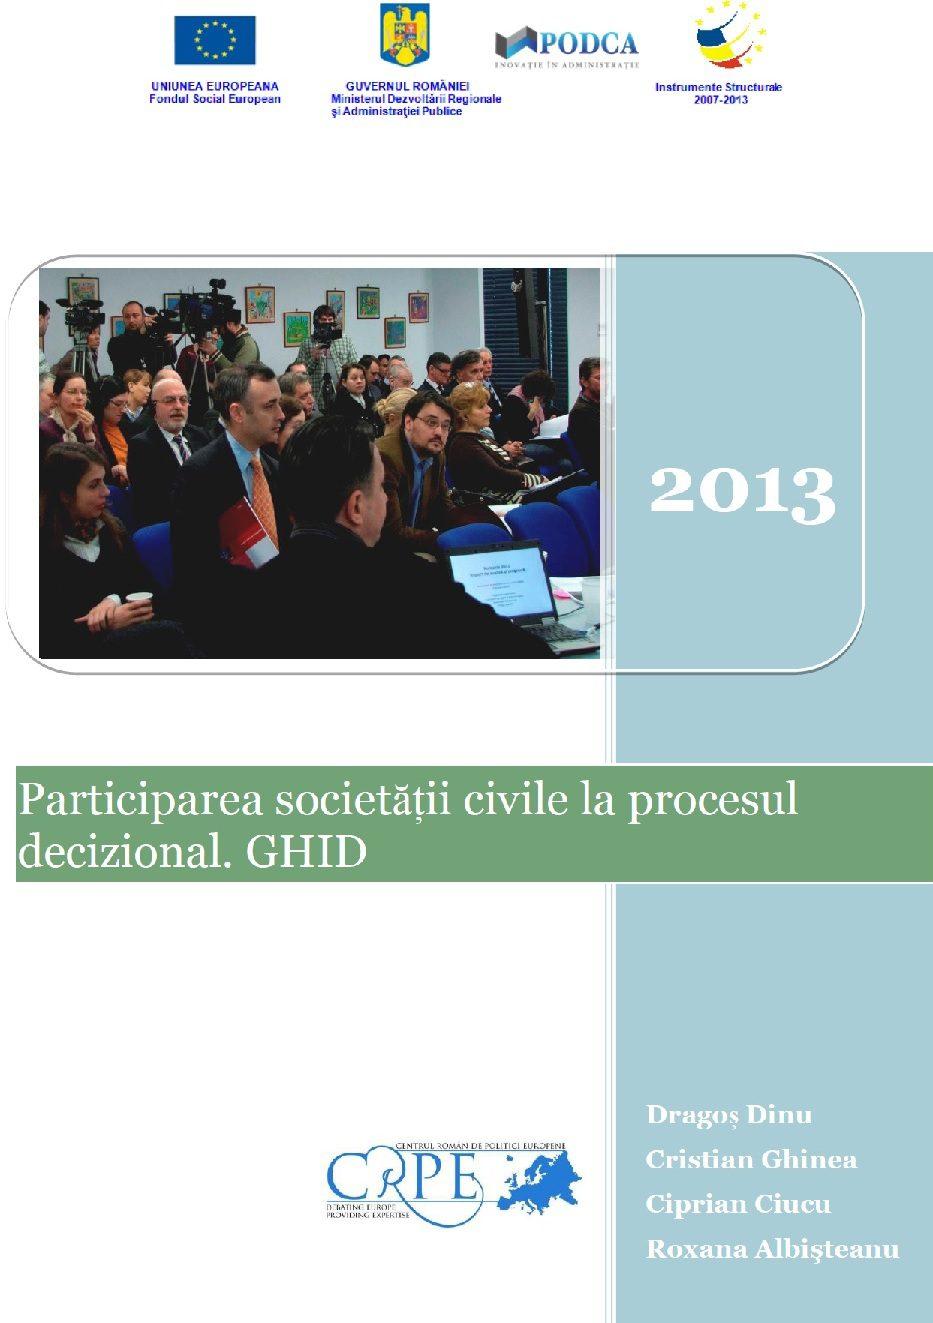 Ghid: Participarea societății civile la procesul decizional